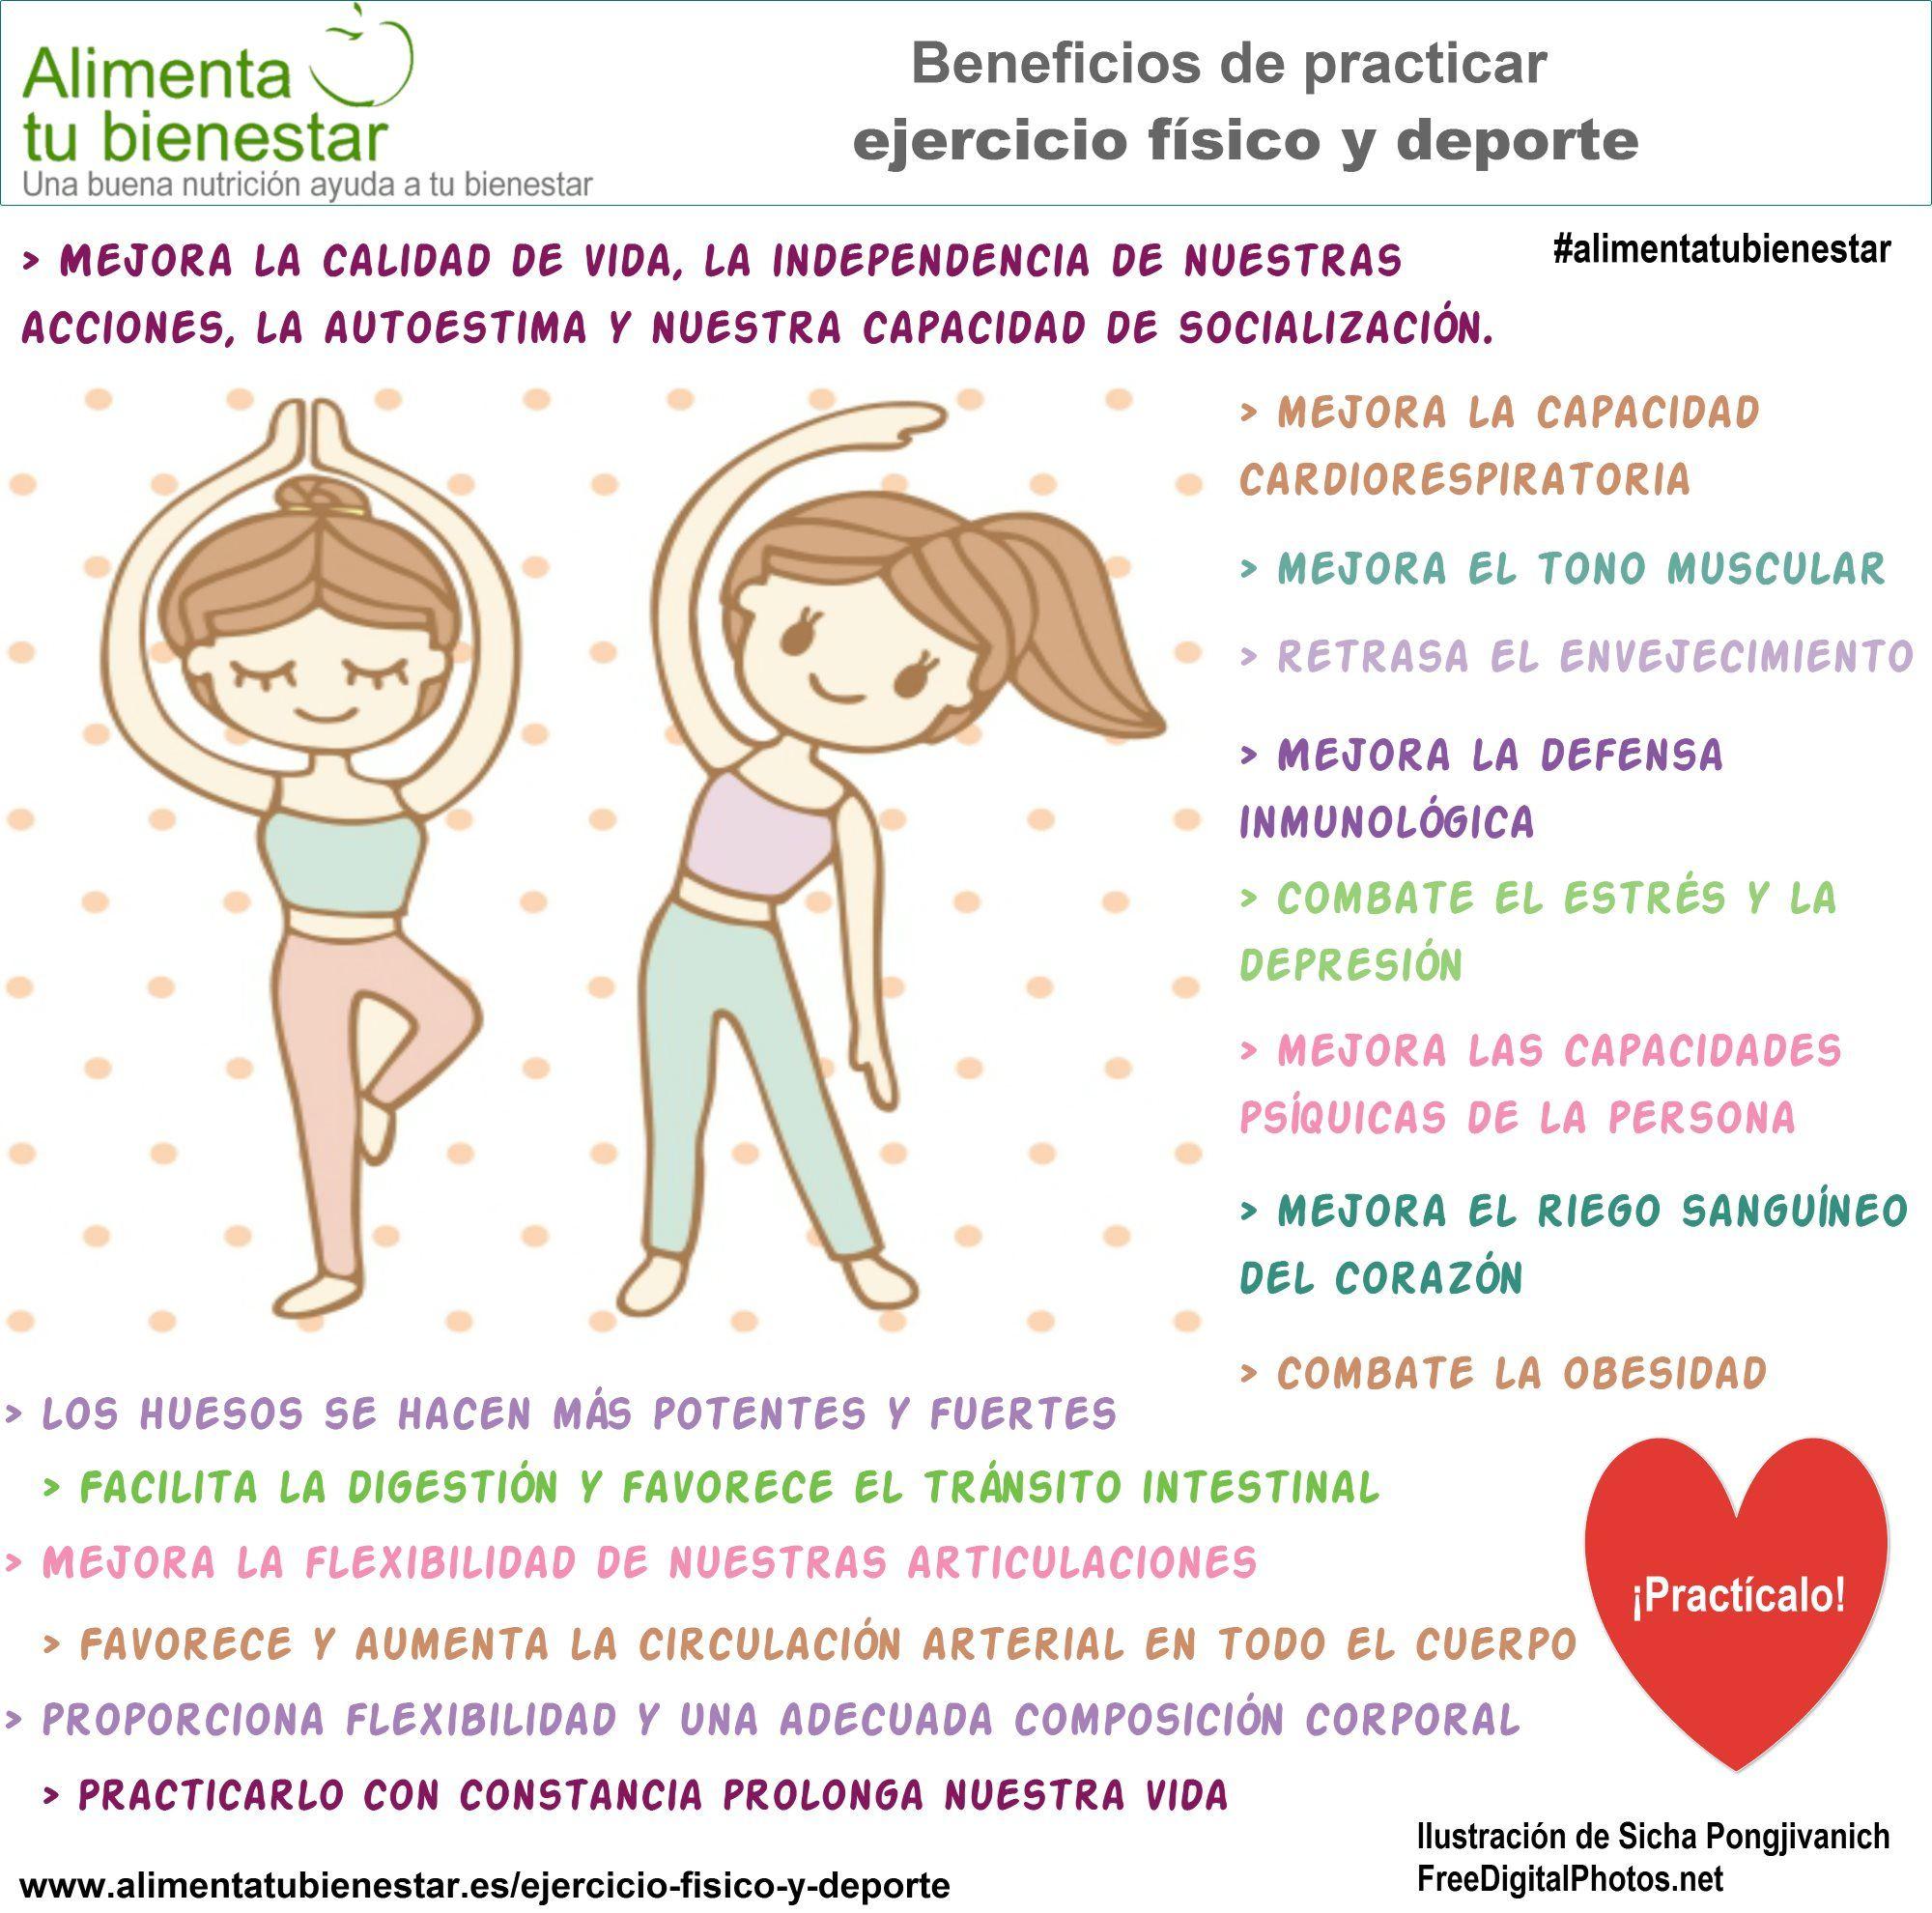 Los beneficios para la salud del ejercicio físico son varios